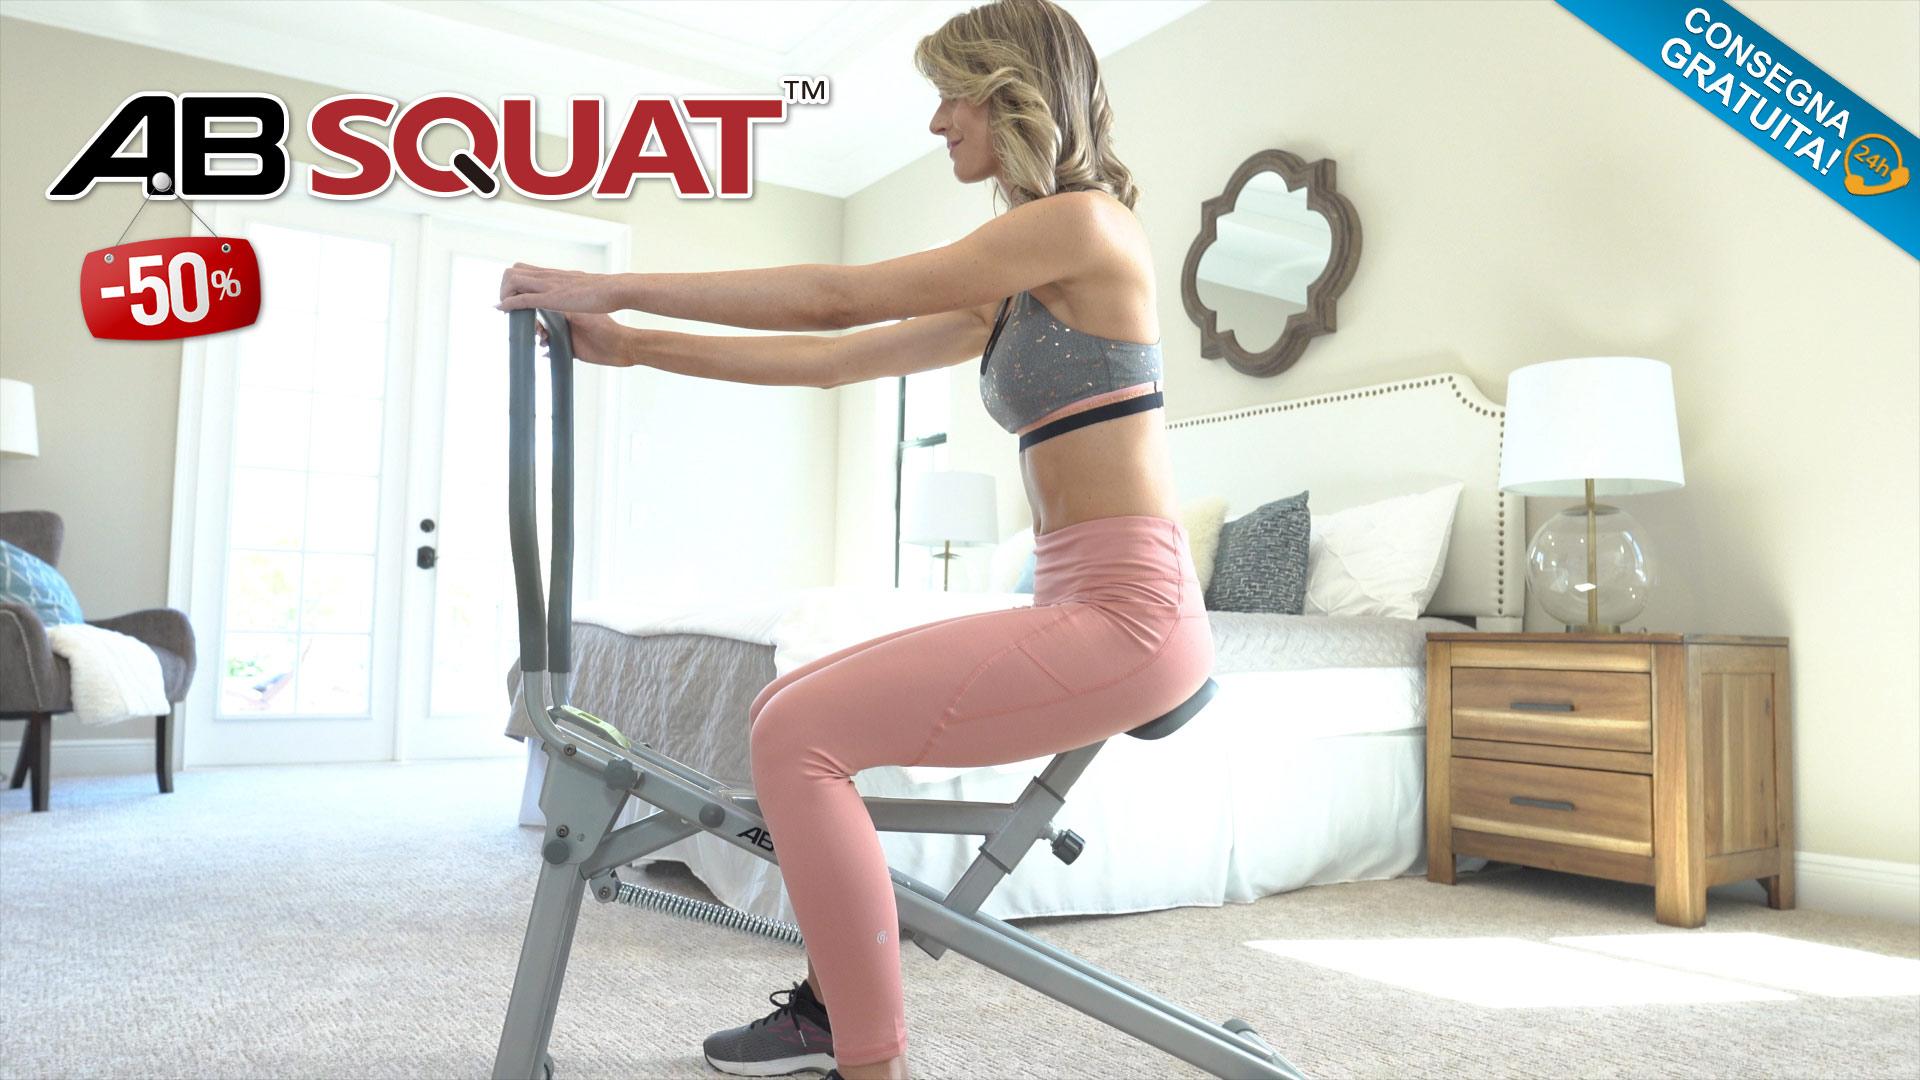 Ab Squat ® il più performante attrezzo fitness per perdere peso